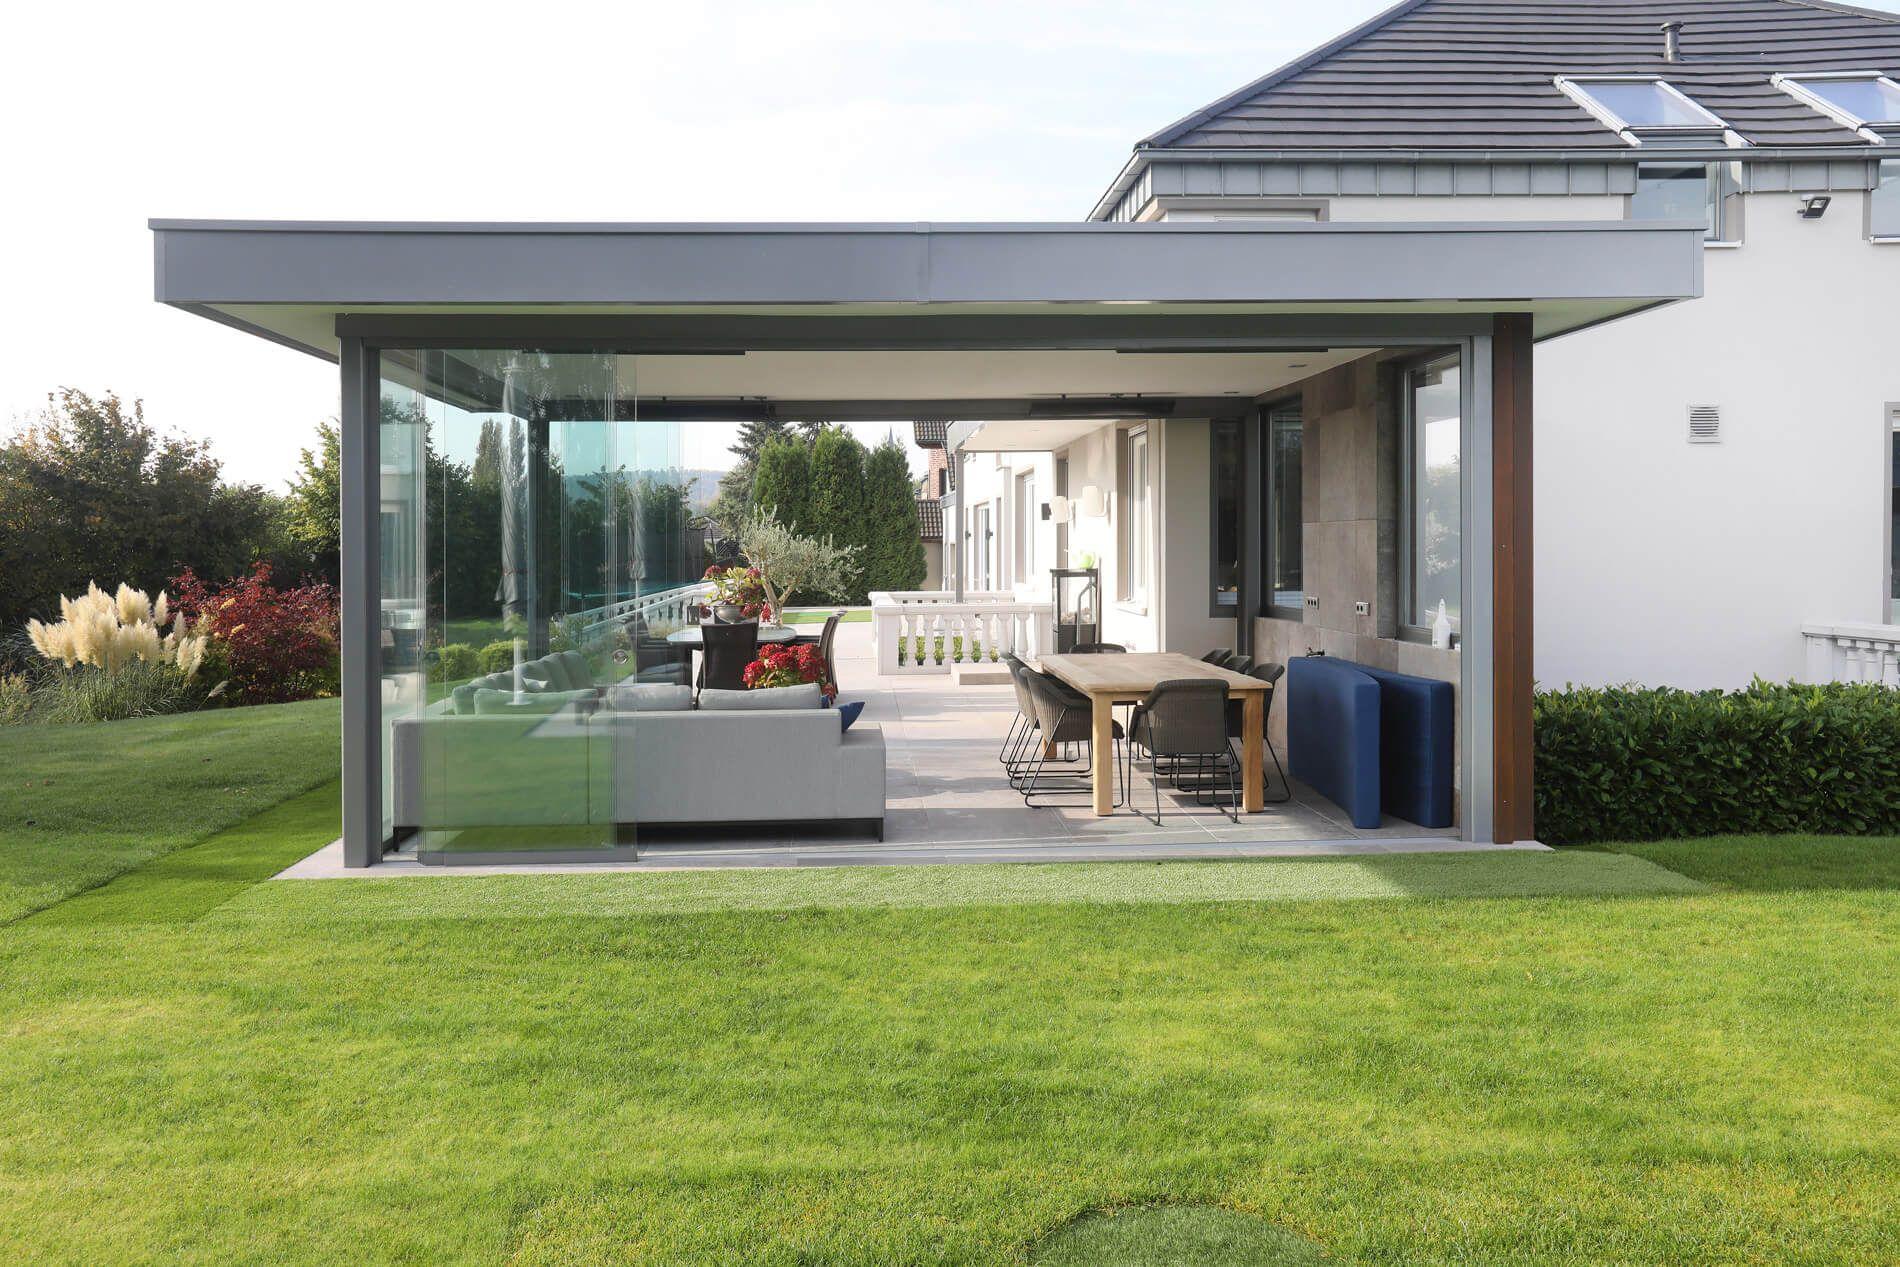 Beispielbilder von Sunflex Schiebeelemente für Terrasse